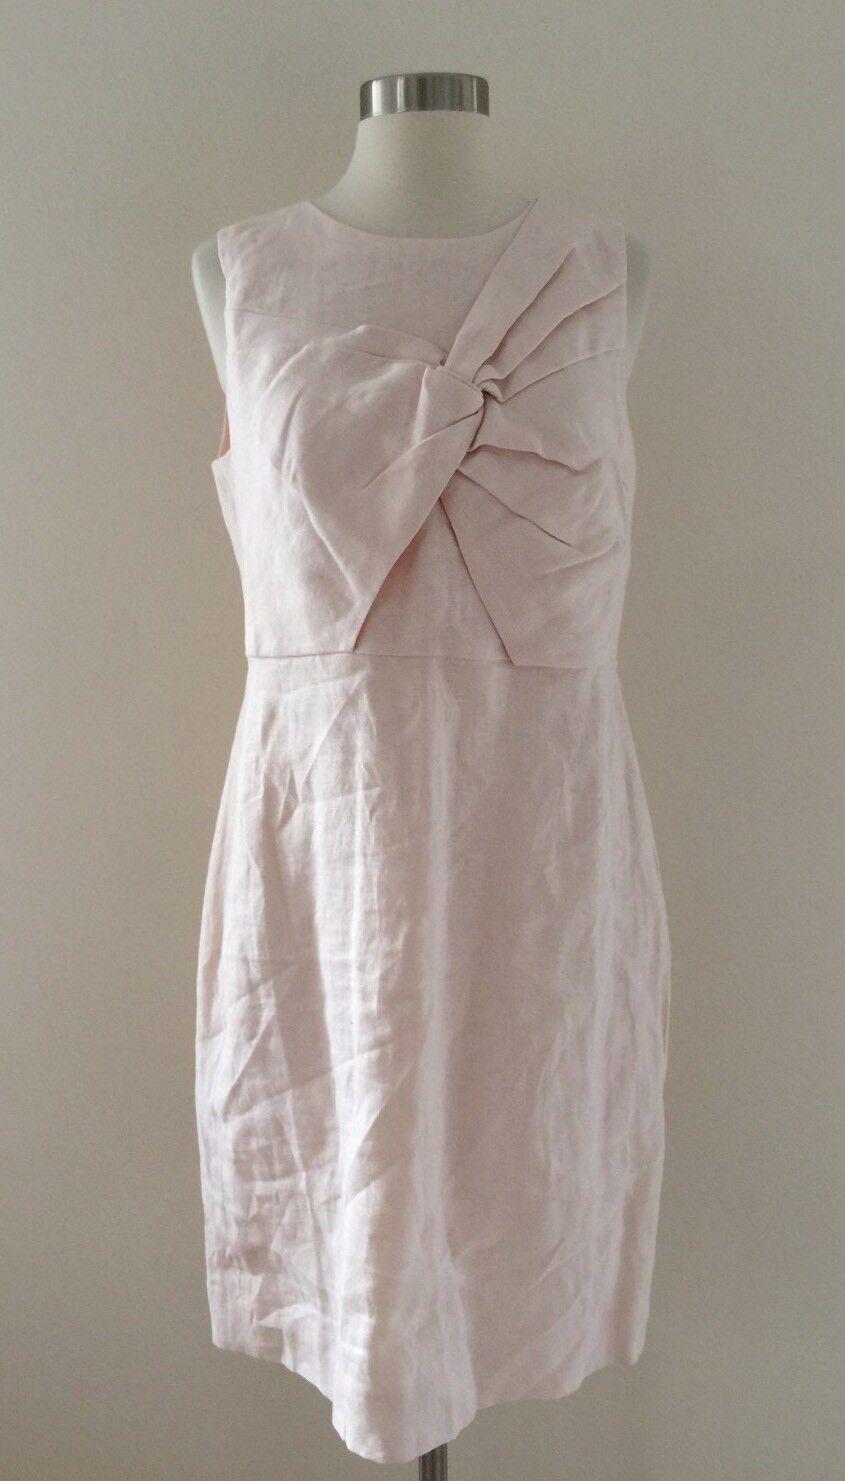 NEW JCrew  158 Drape Knot Dress in Irish Linen Size 8 Dusty Pink G4448